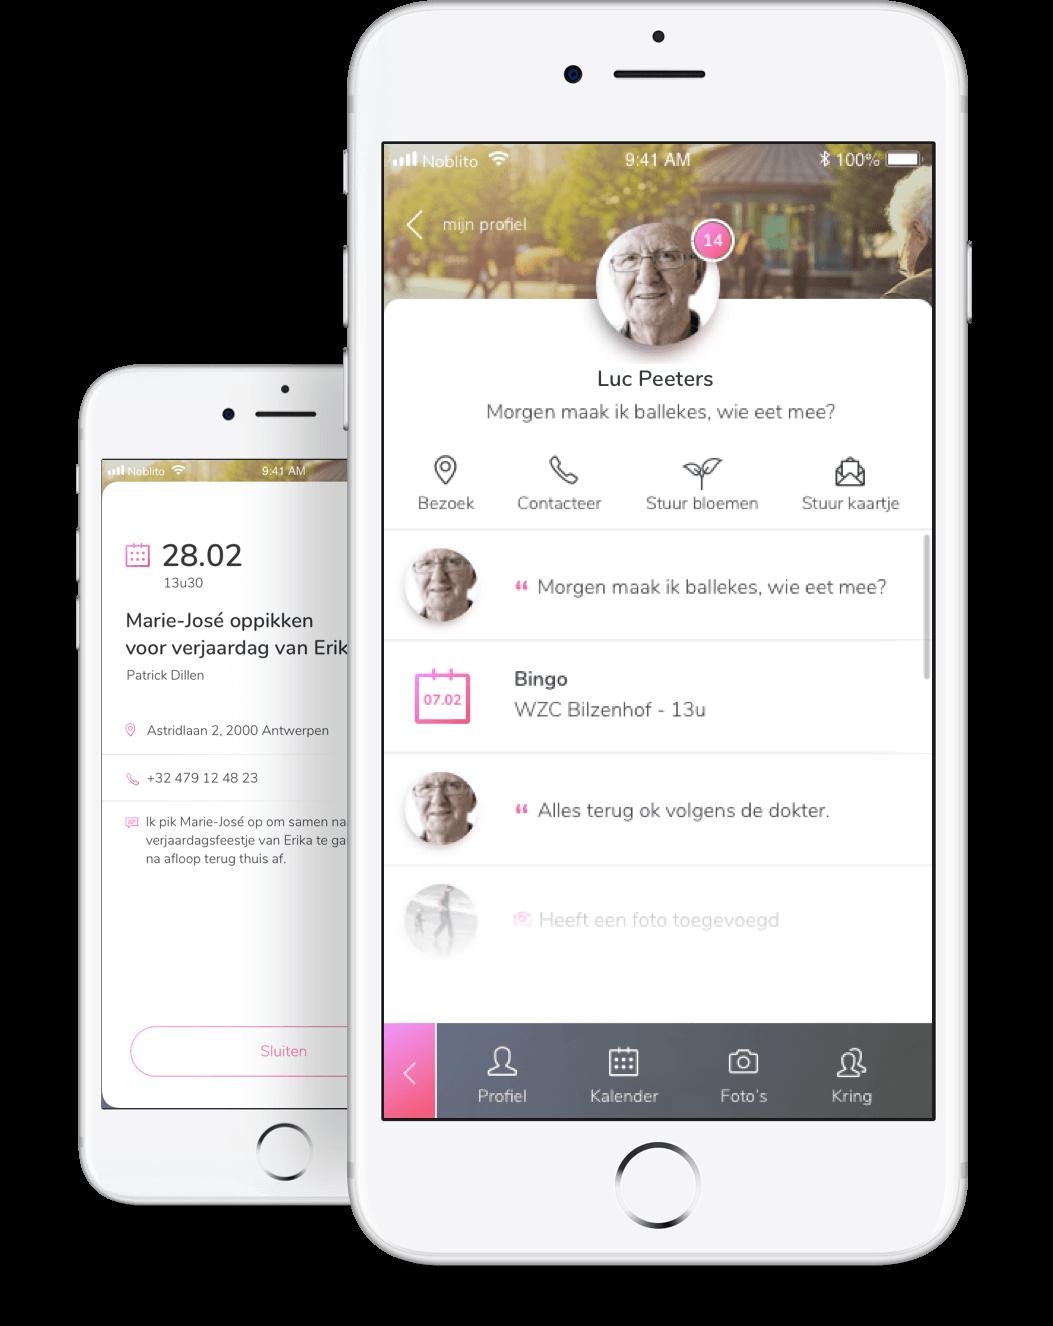 Afbeelding van Noblito app in een smartphone